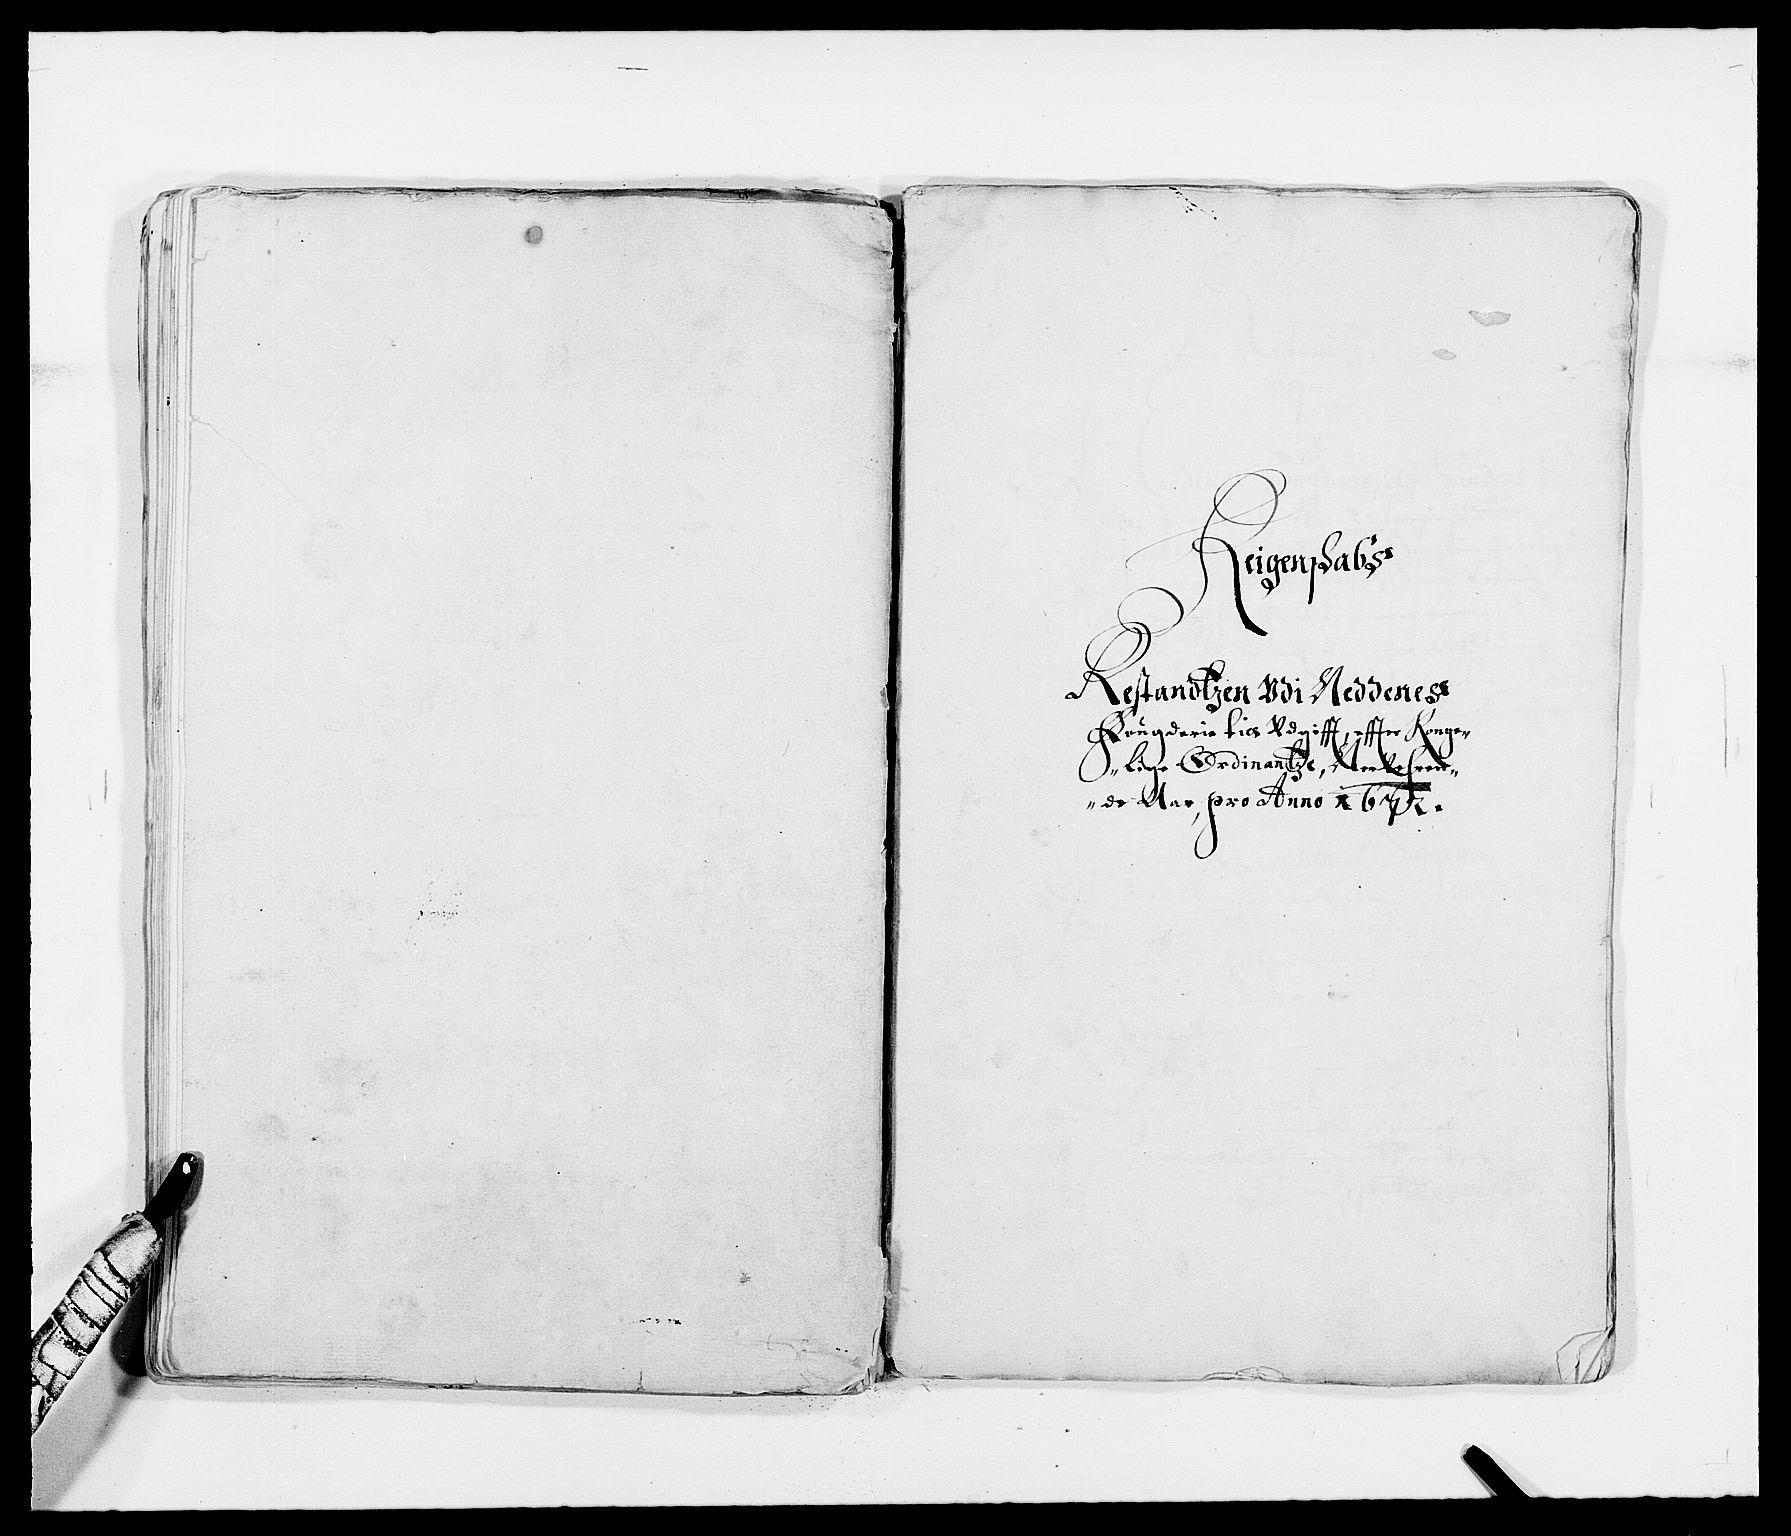 RA, Rentekammeret inntil 1814, Reviderte regnskaper, Fogderegnskap, R39/L2300: Fogderegnskap Nedenes, 1672-1674, s. 98